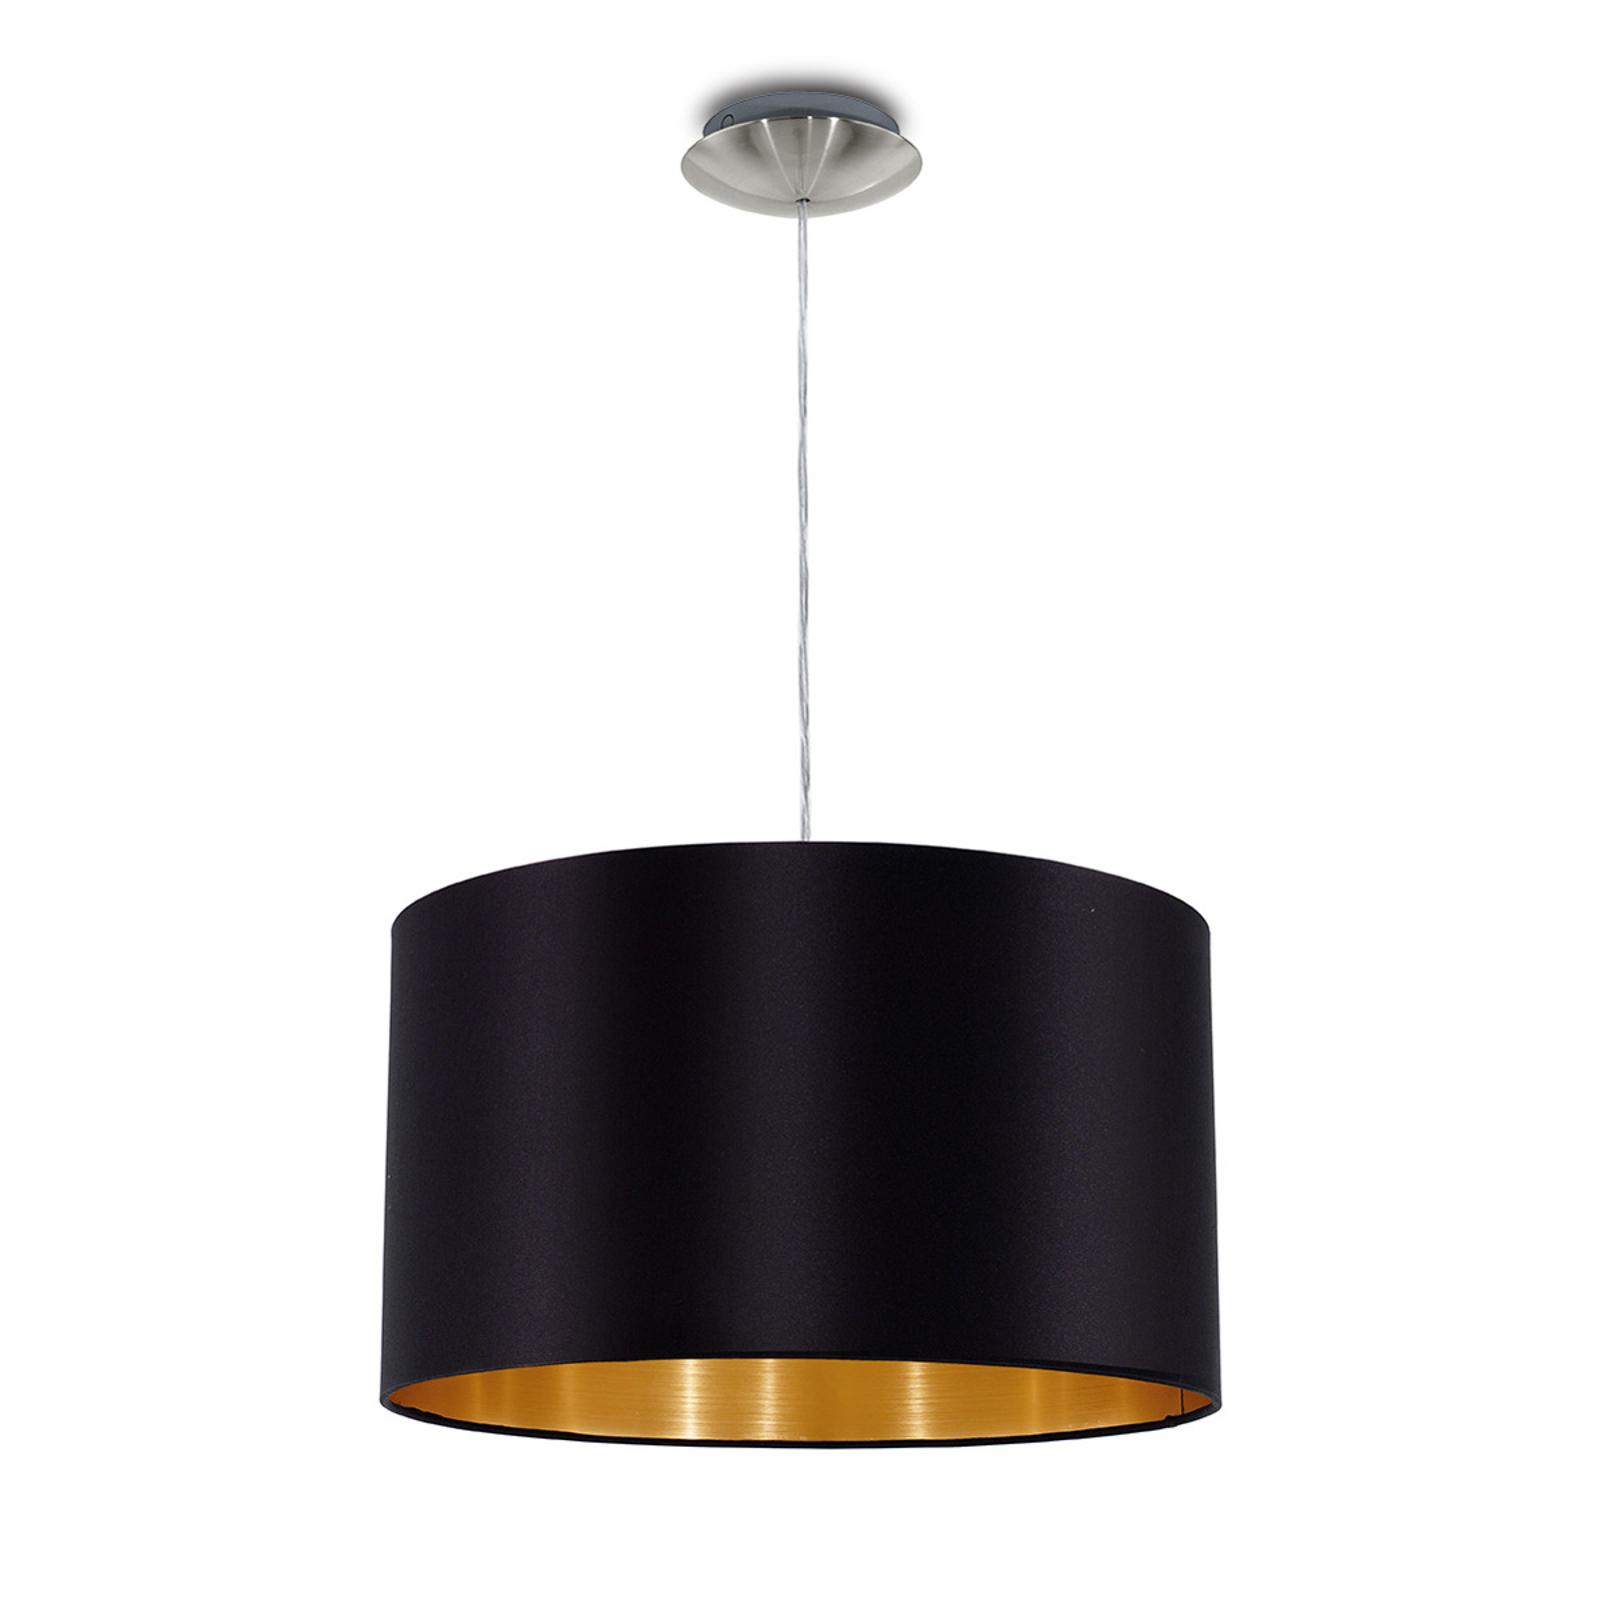 Textiel hanglamp Lecio, 1 lichtbron